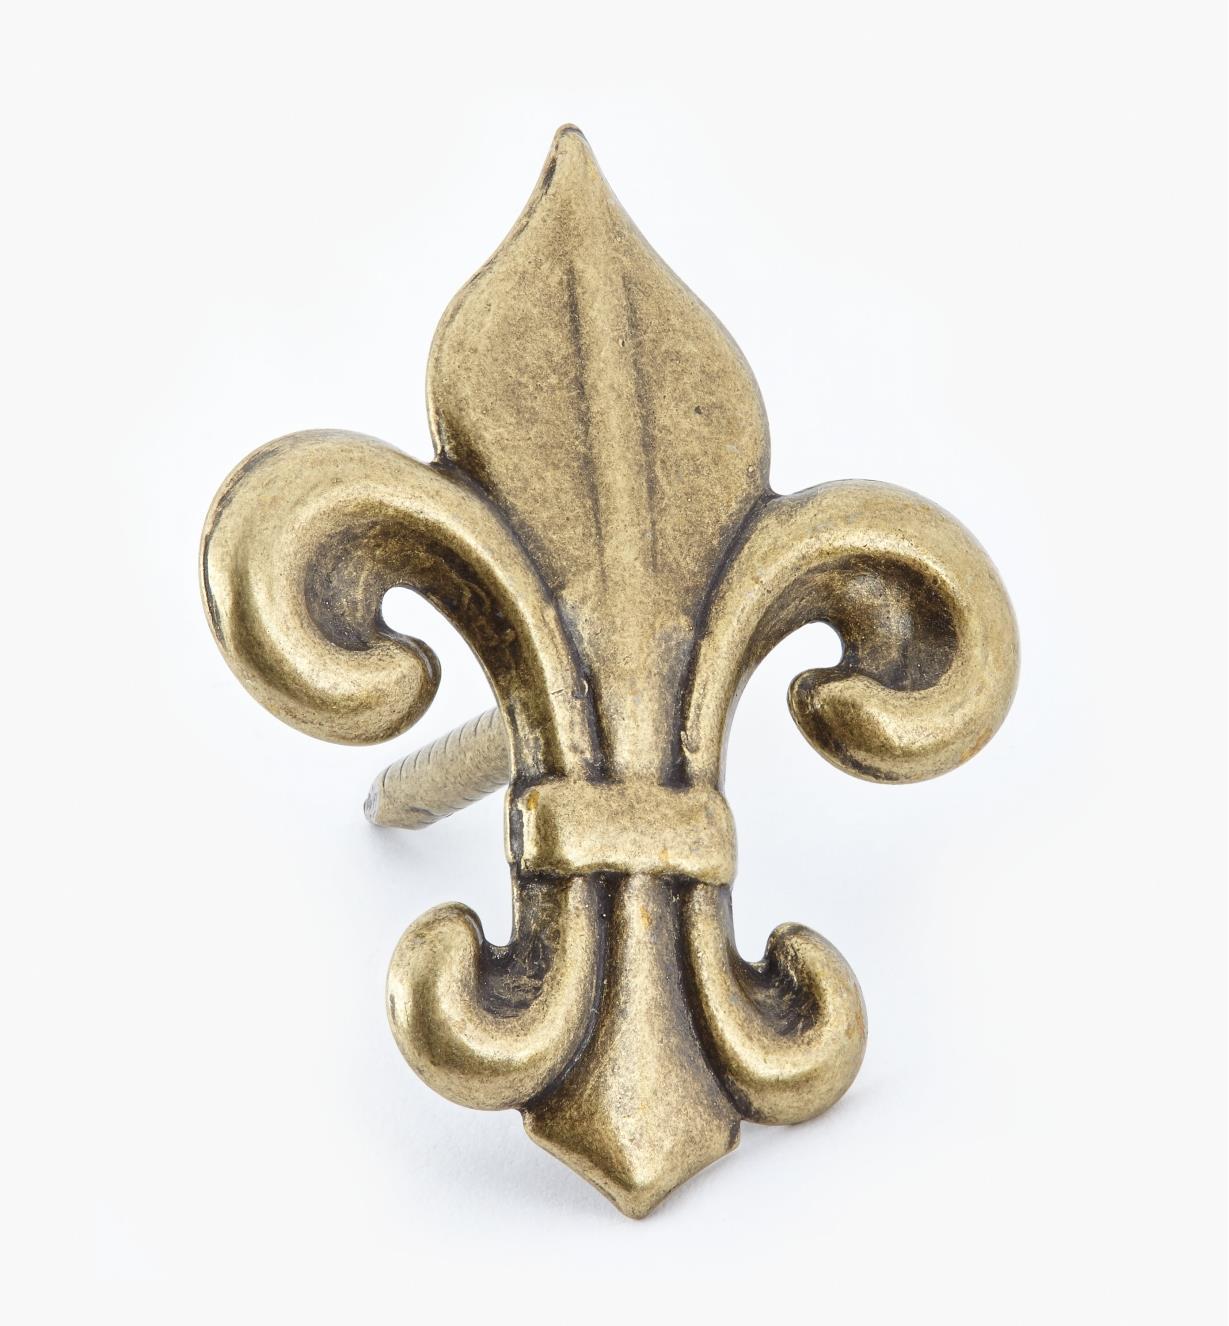 """00T0937 - Fleur-de-Lis Clavos, 1 3/4"""" x 7/8"""", Antique Brass, ea."""